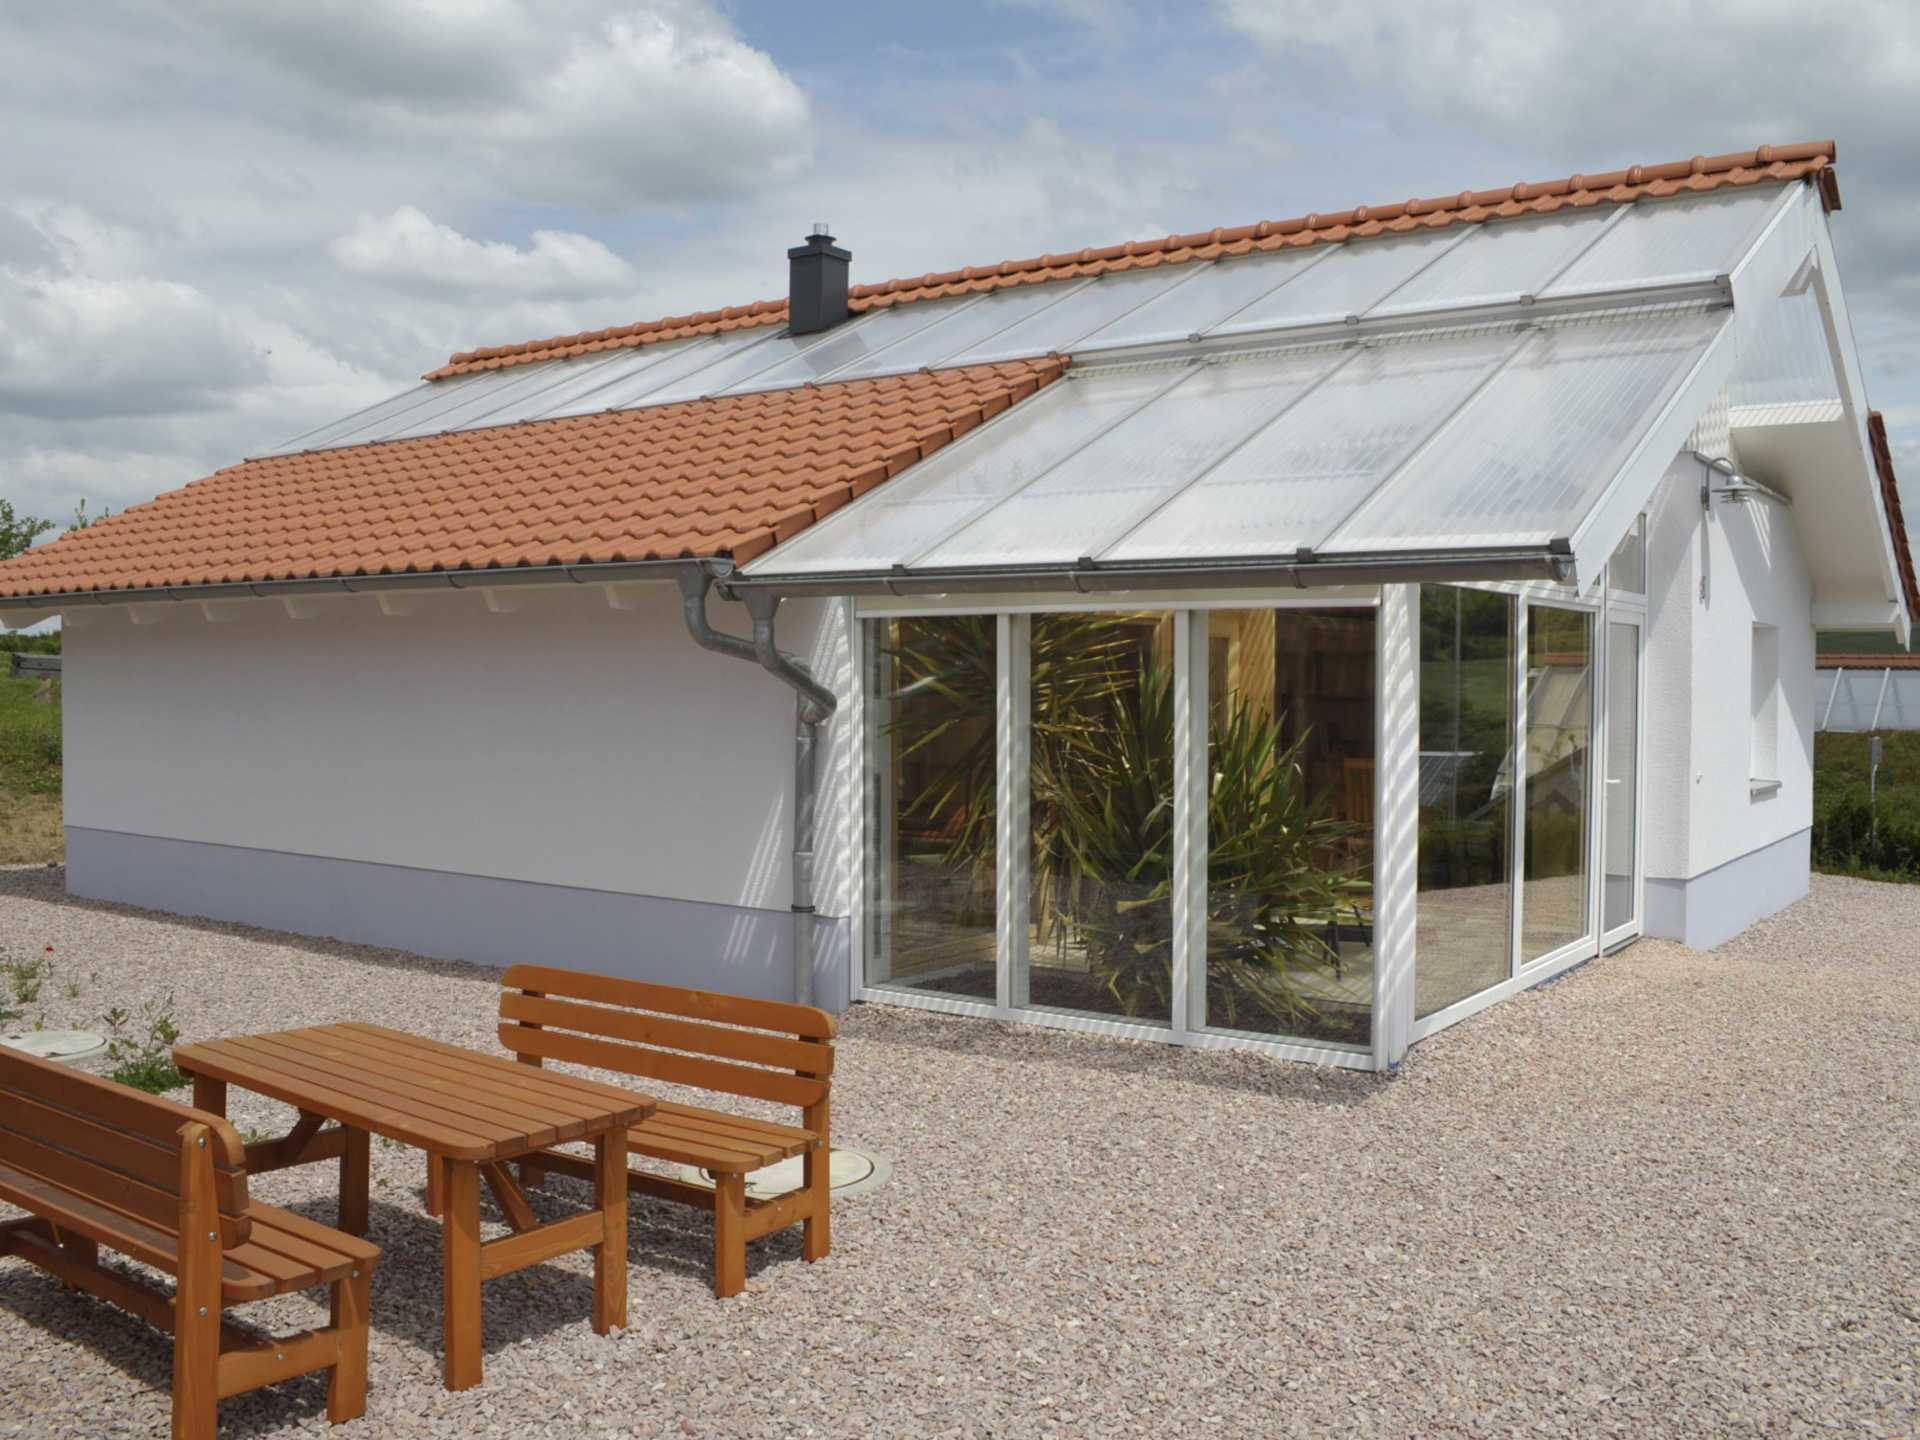 Bio-Solar-Haus Probewohnhaus 8, Sonnenpark St. Alban